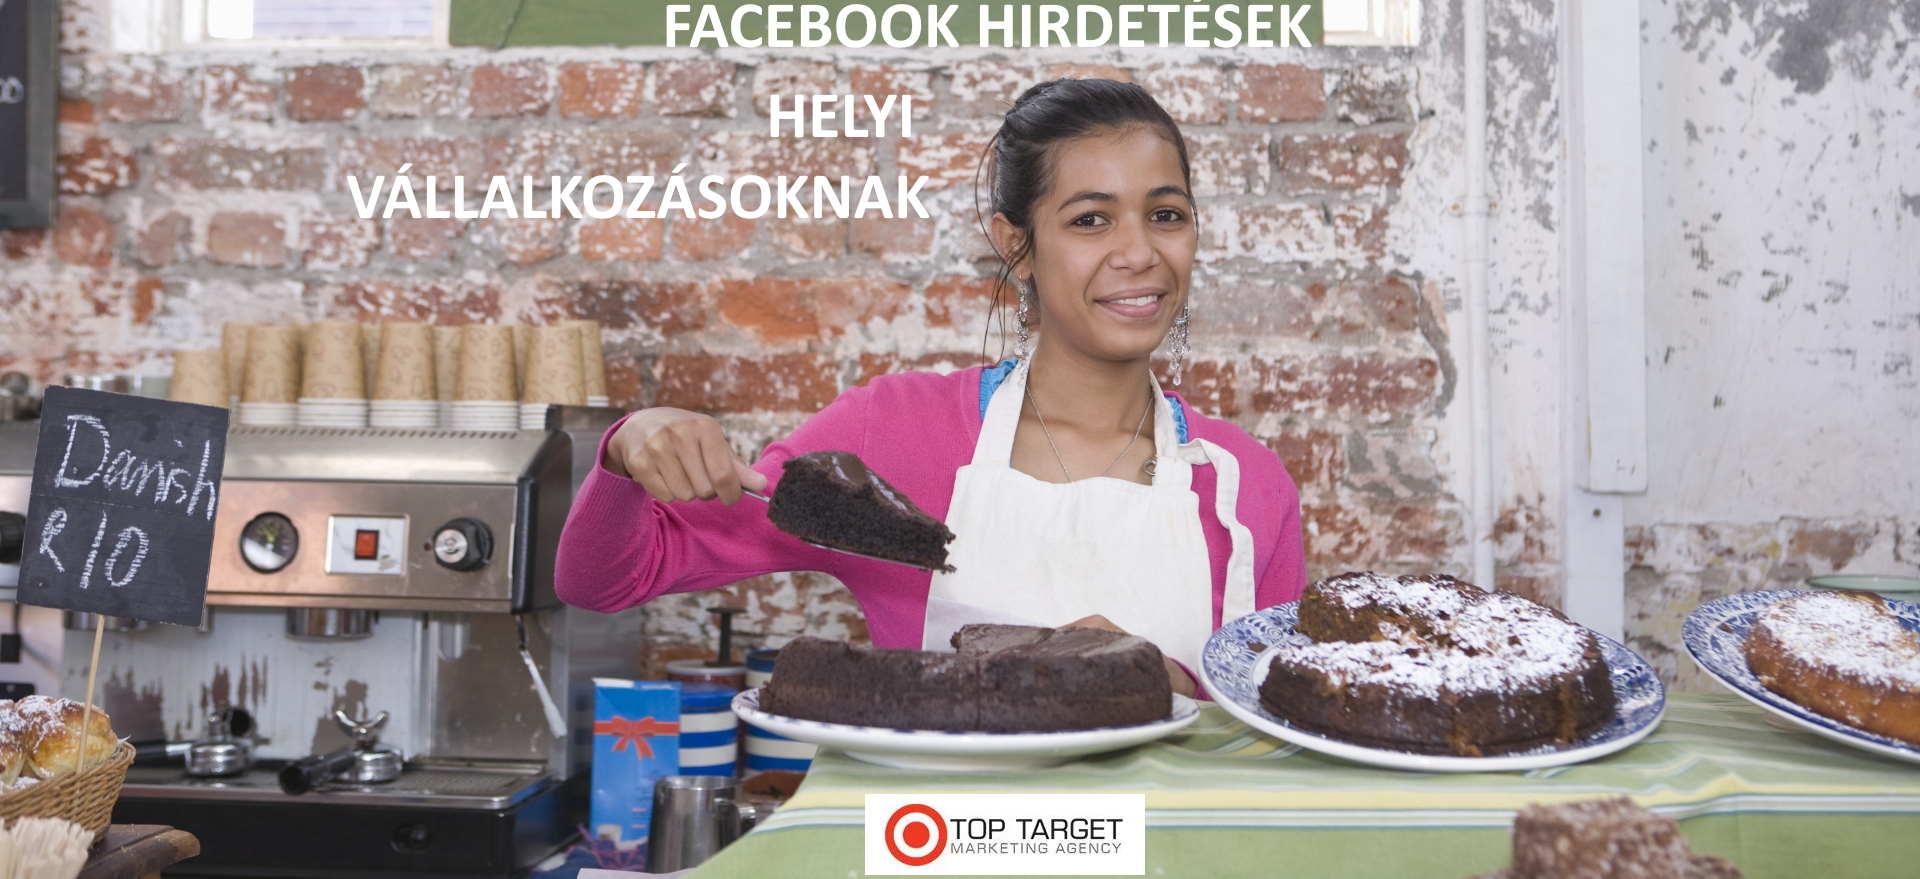 Helyi vállalkozások, kis cégek Facebook hirdetések nagy elérés